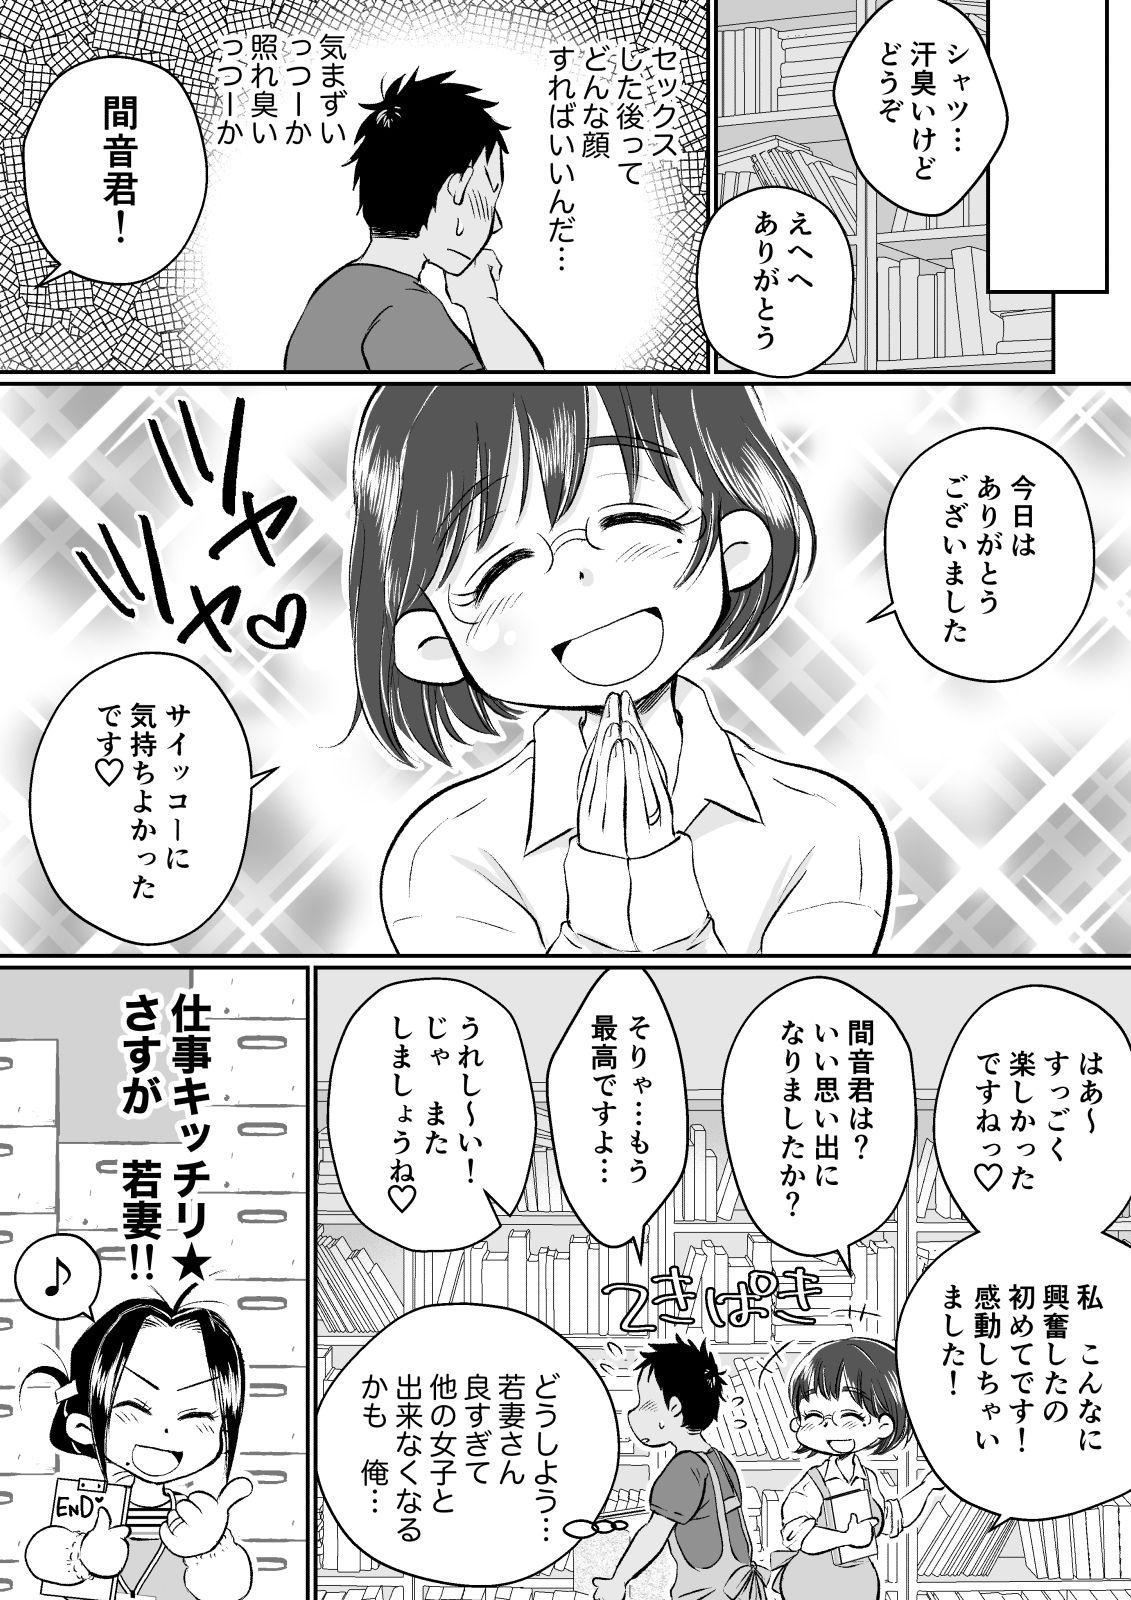 [Megitsune Works] Wakazuma-san wa Yokkyuu Fuman! Akogare no Shisho no Wakazuma-san ga Gakusei Beit no Boku no Fudeoroshi o Shite kuremashita. 63